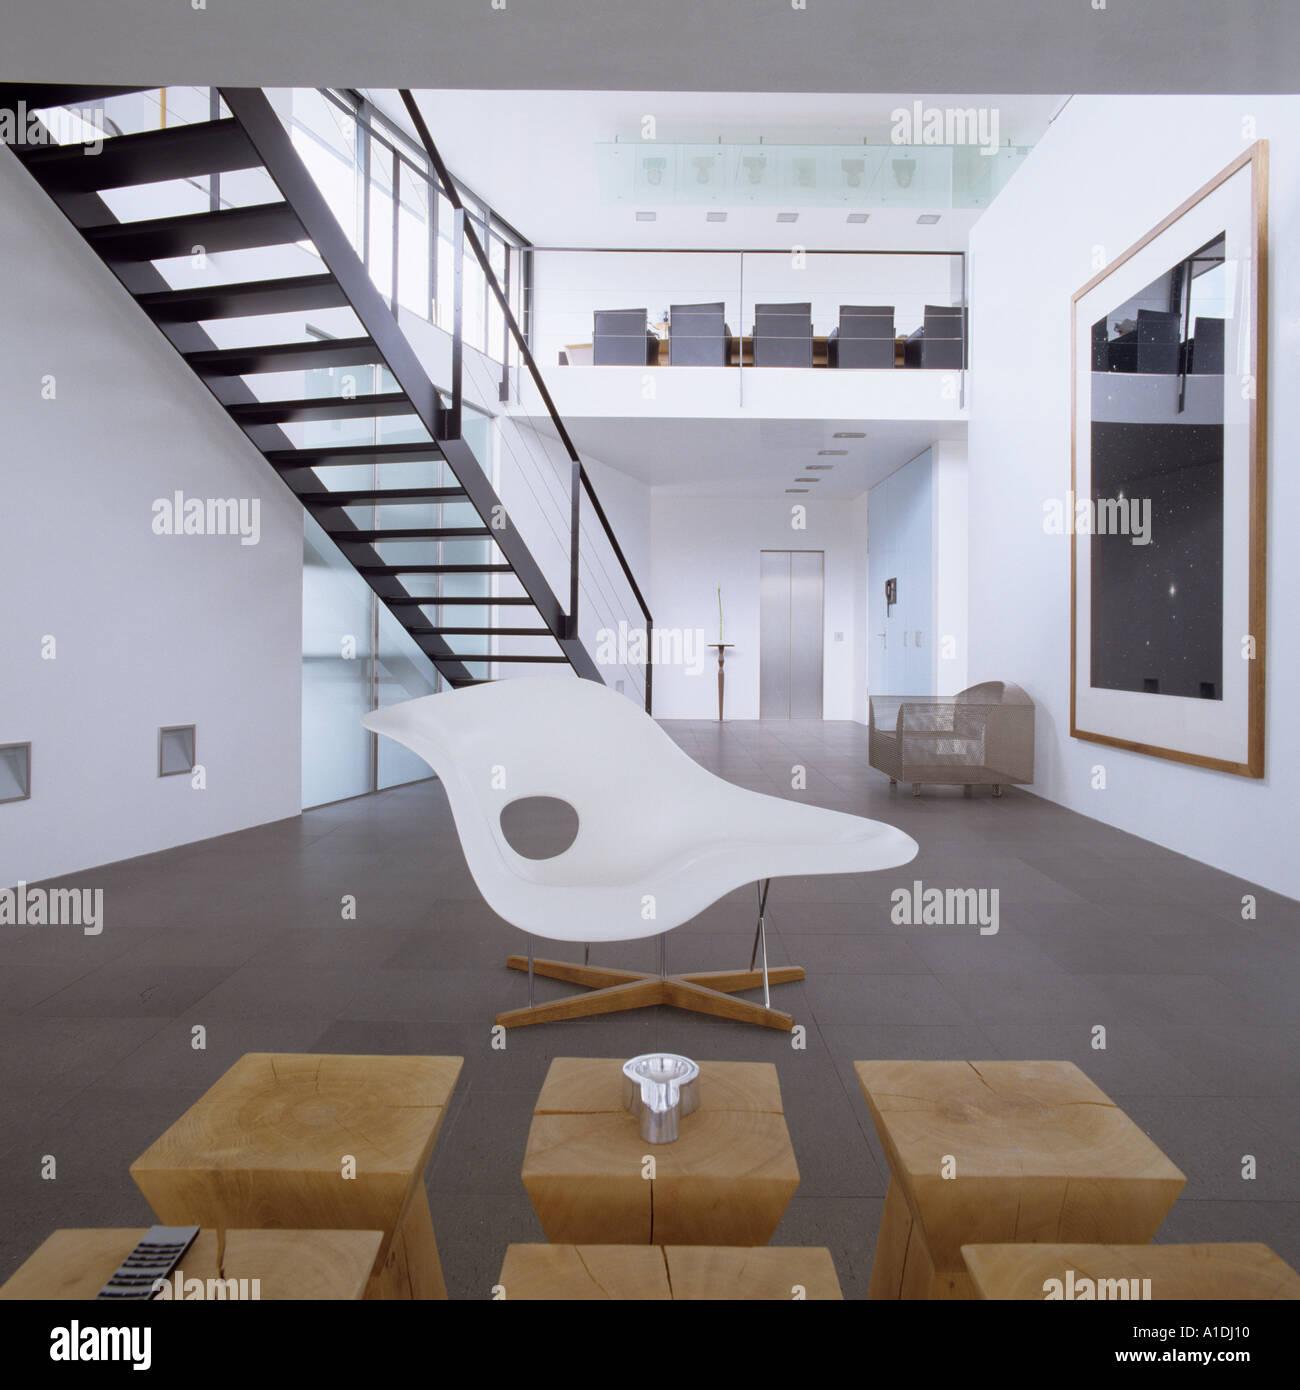 Mezzanine Stockfotos & Mezzanine Bilder - Alamy